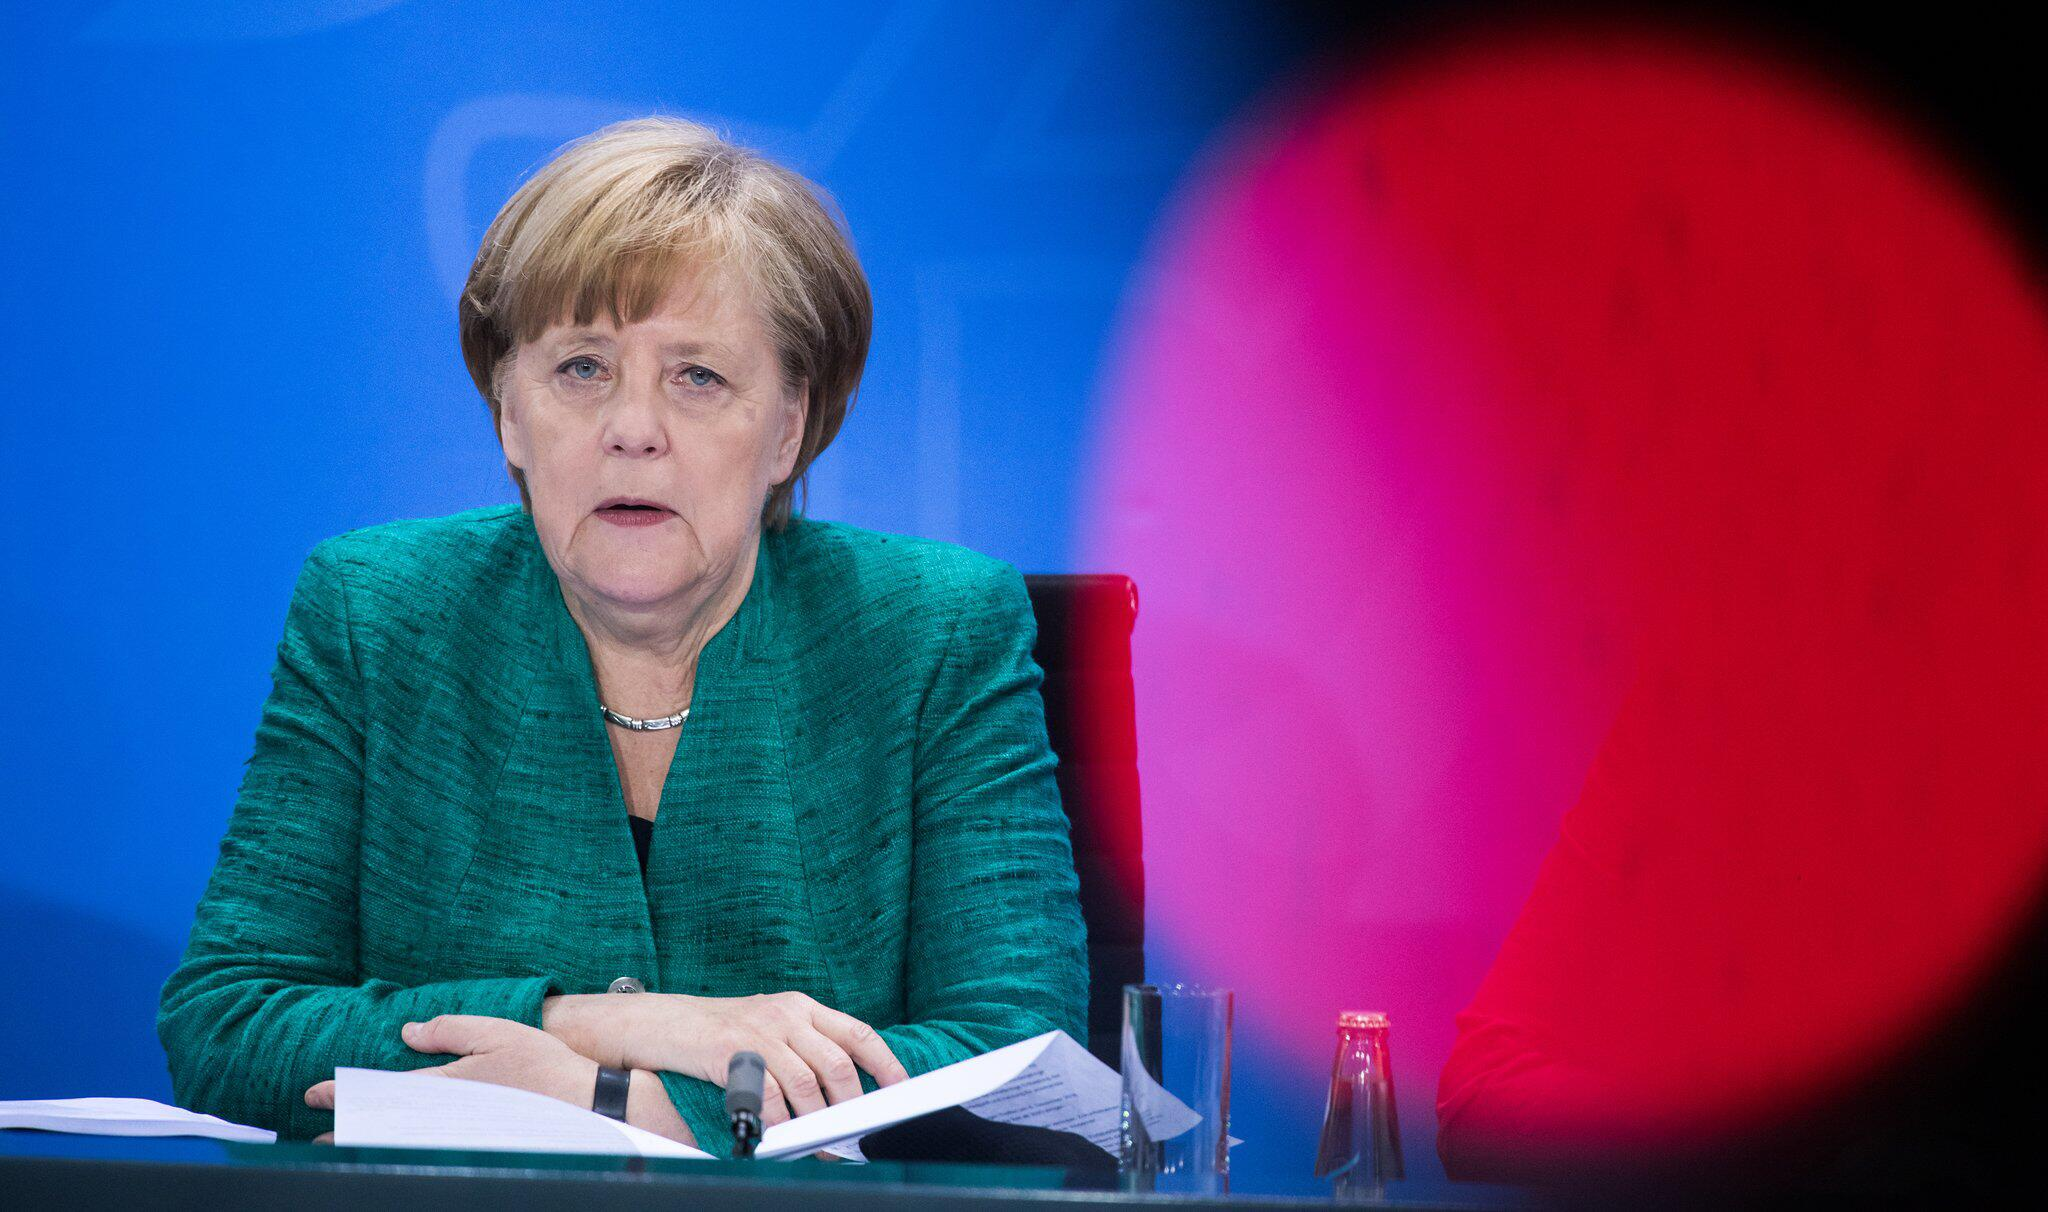 Bild zu Ministerpräsidenten im Bundeskanzleramt